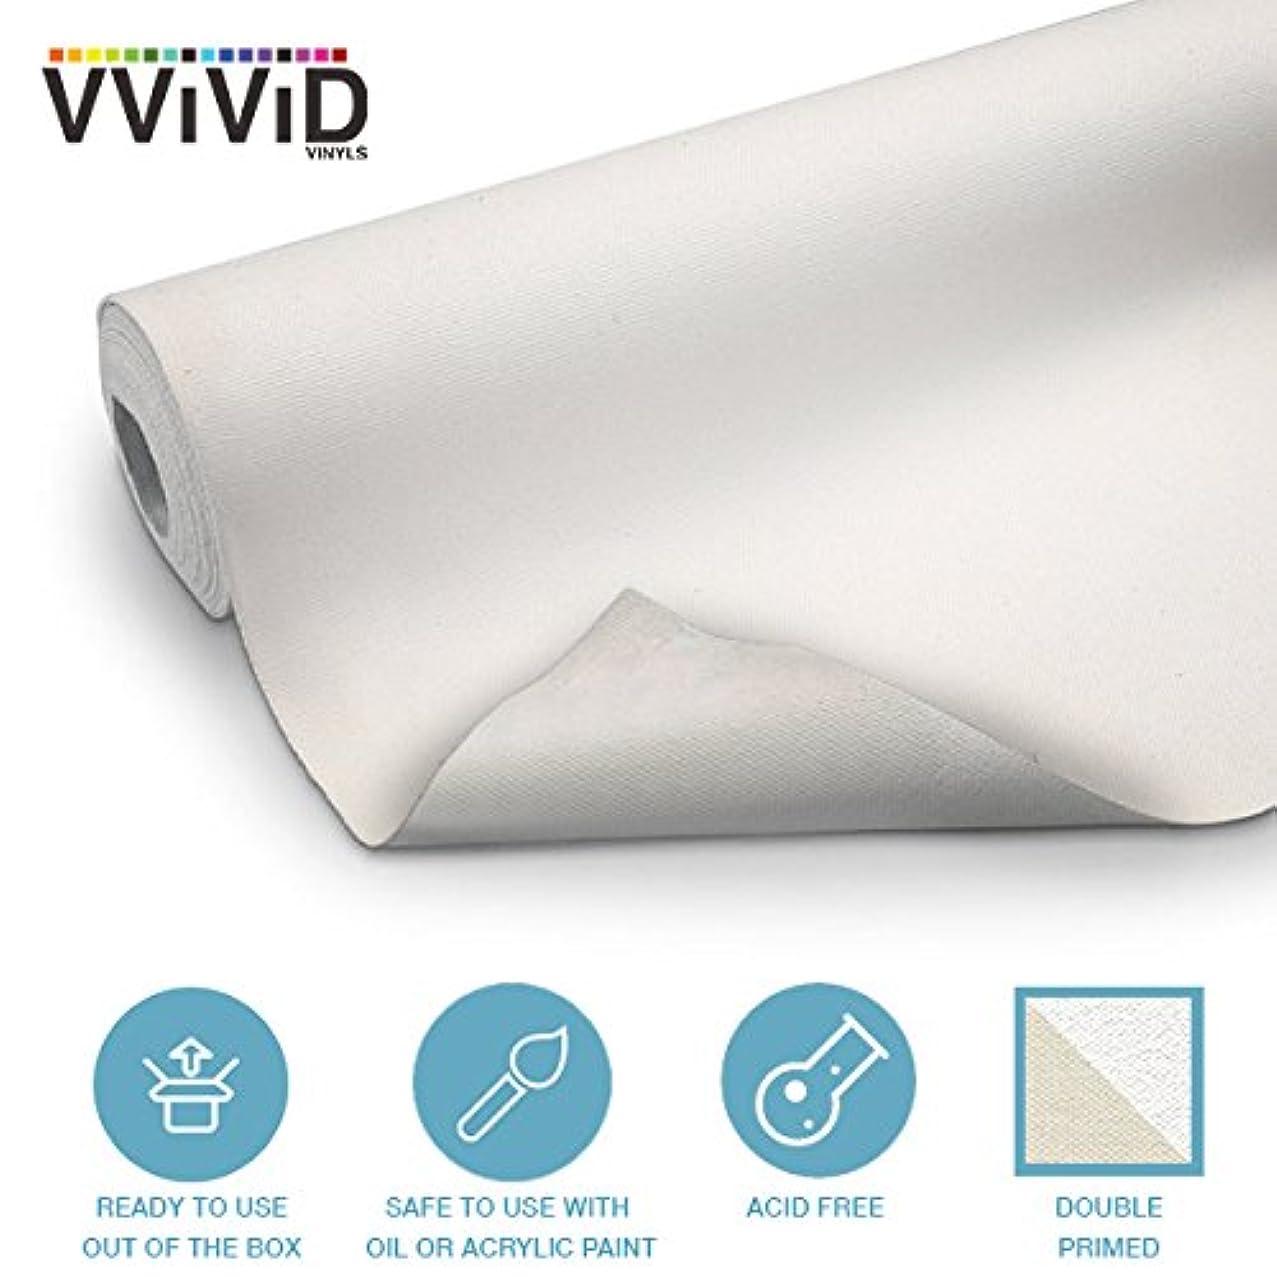 VViViD Double Primed Cotton Canvas 12